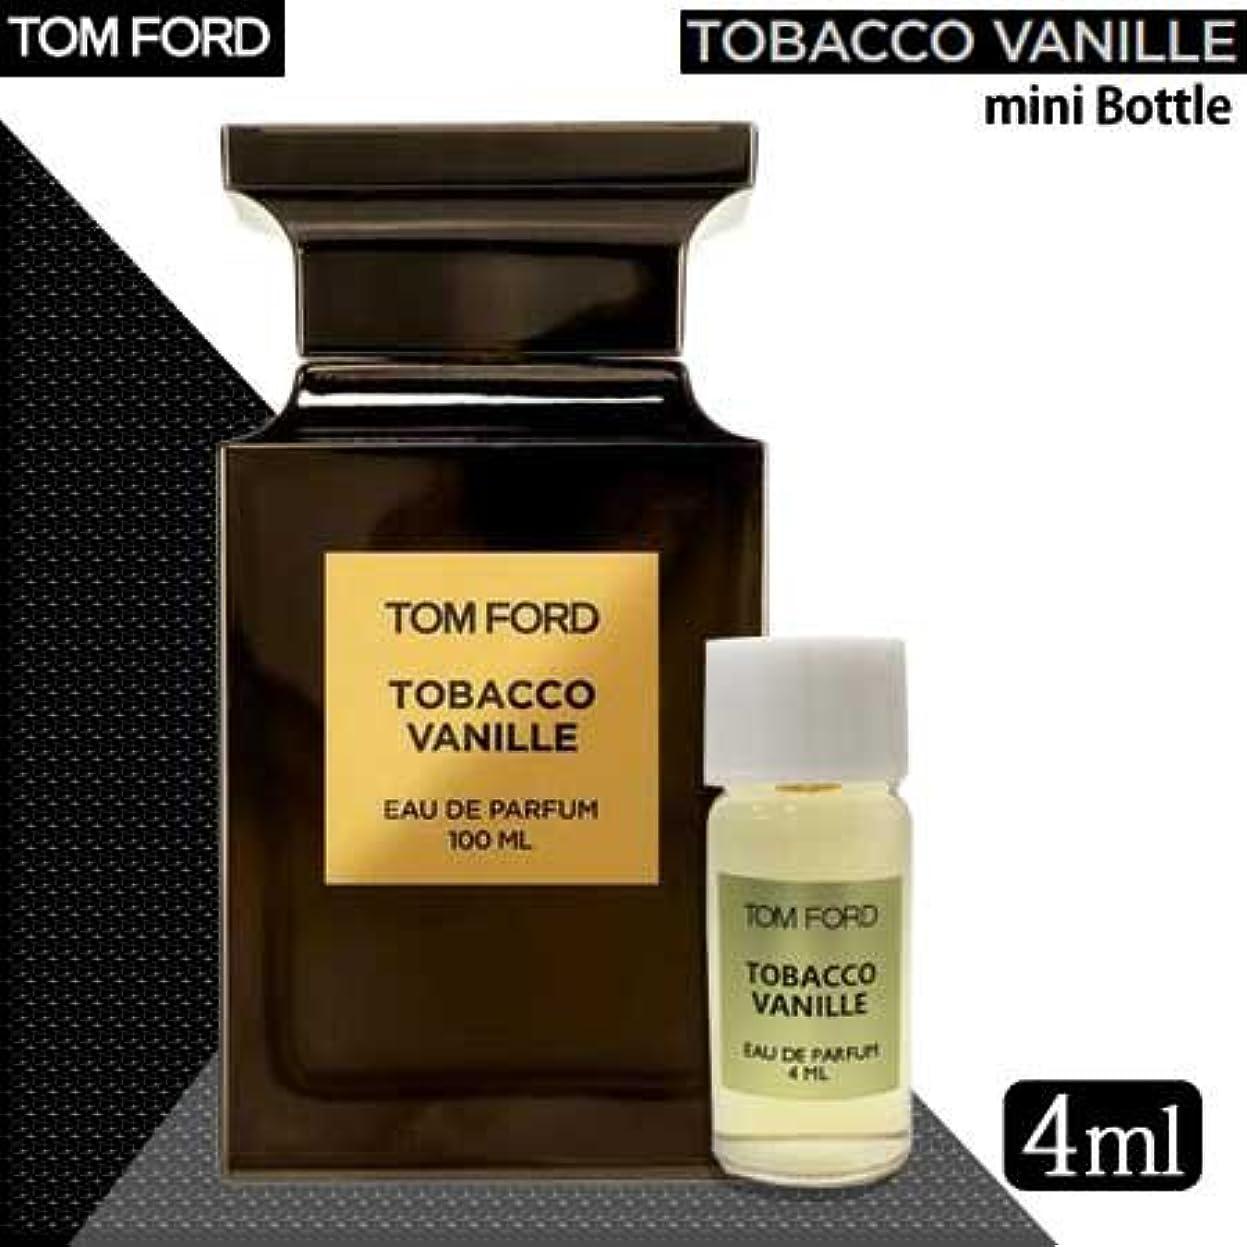 ミキサー一族発見するトムフォード TOM FORD タバコ バニラ オードパルファム EDP 4ml 【並行輸入品】